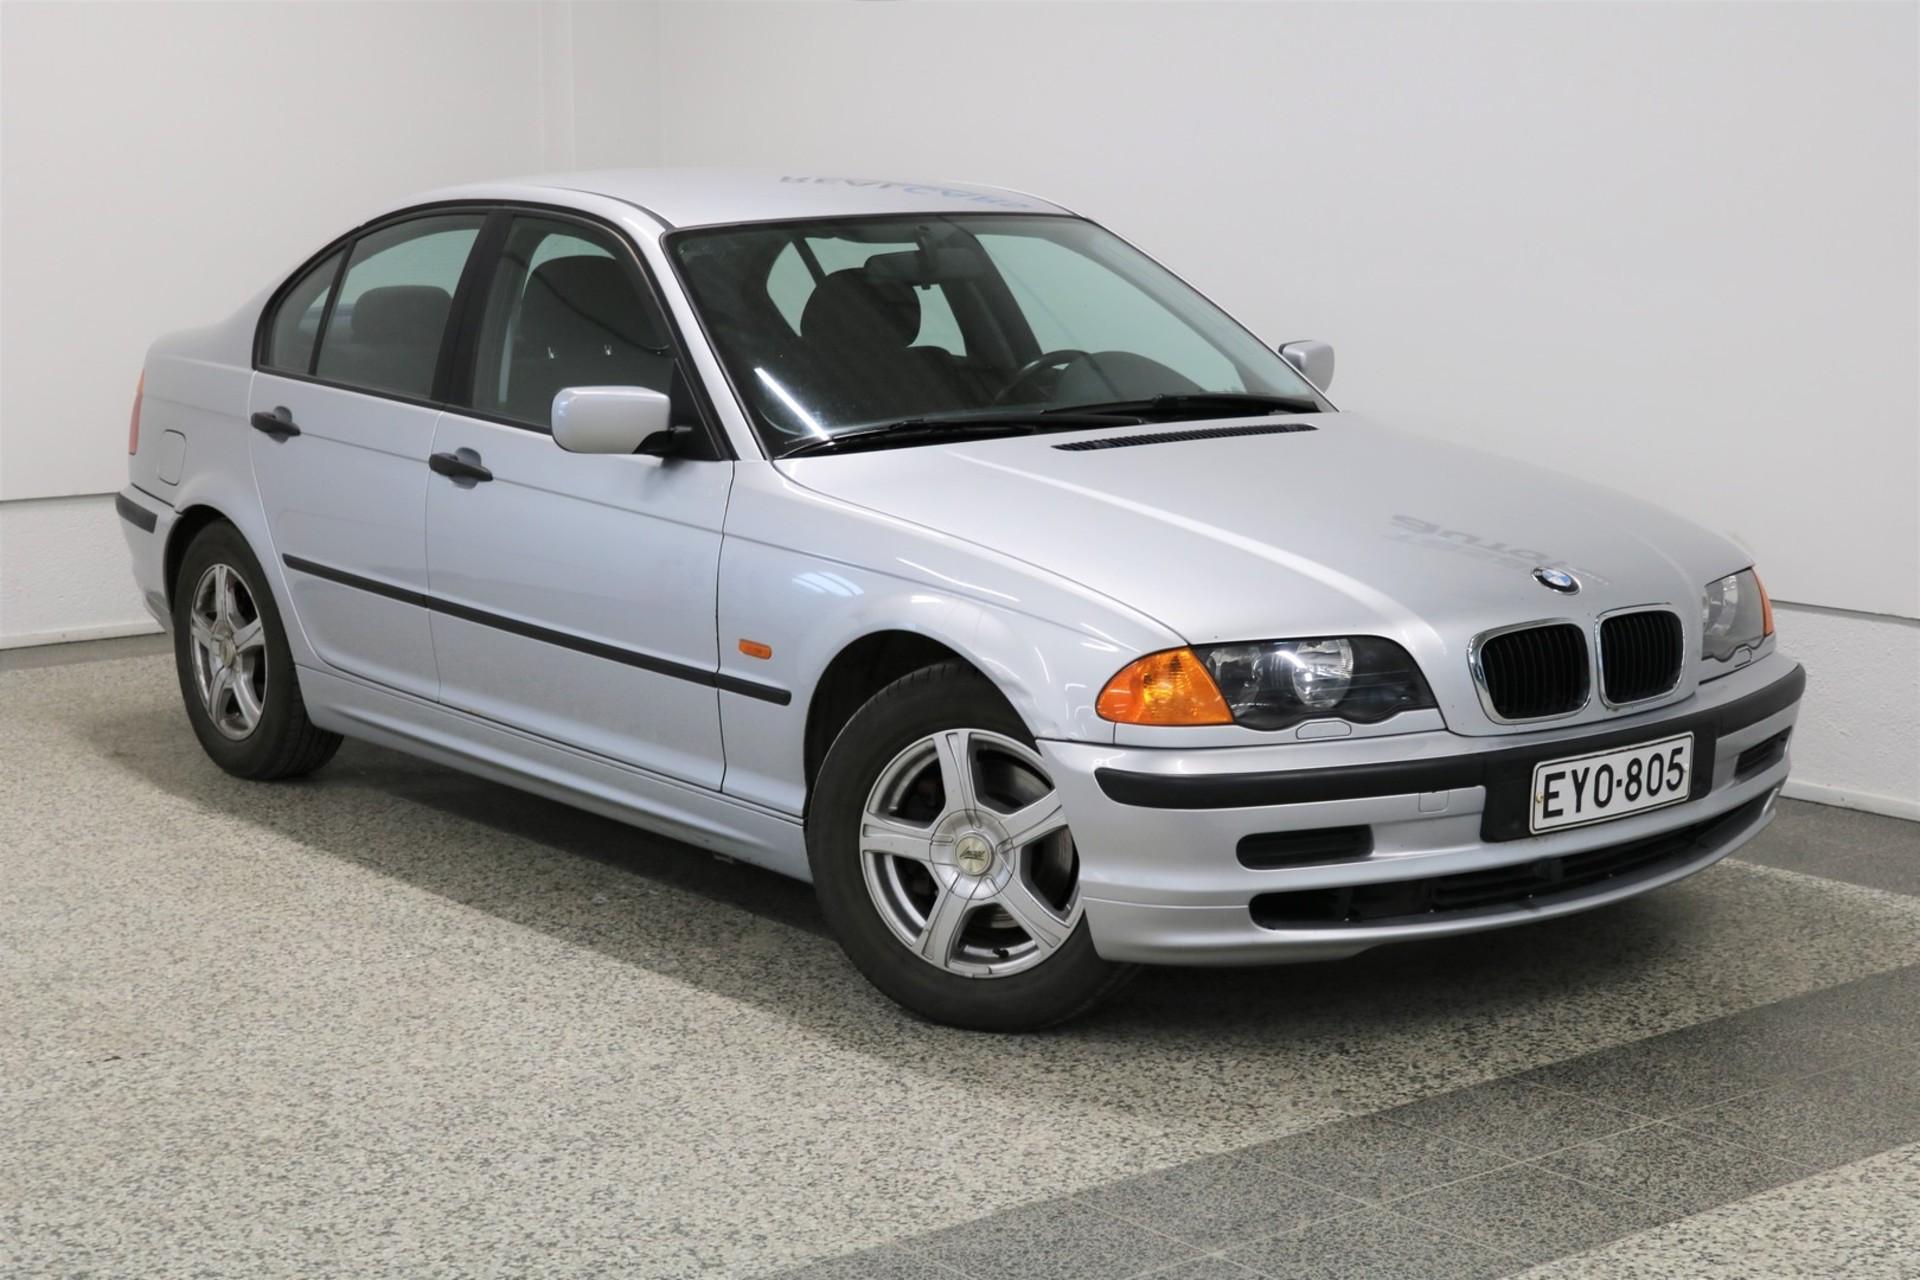 BMW 316 i 1, 9 AC + Comfort-paketti 4d